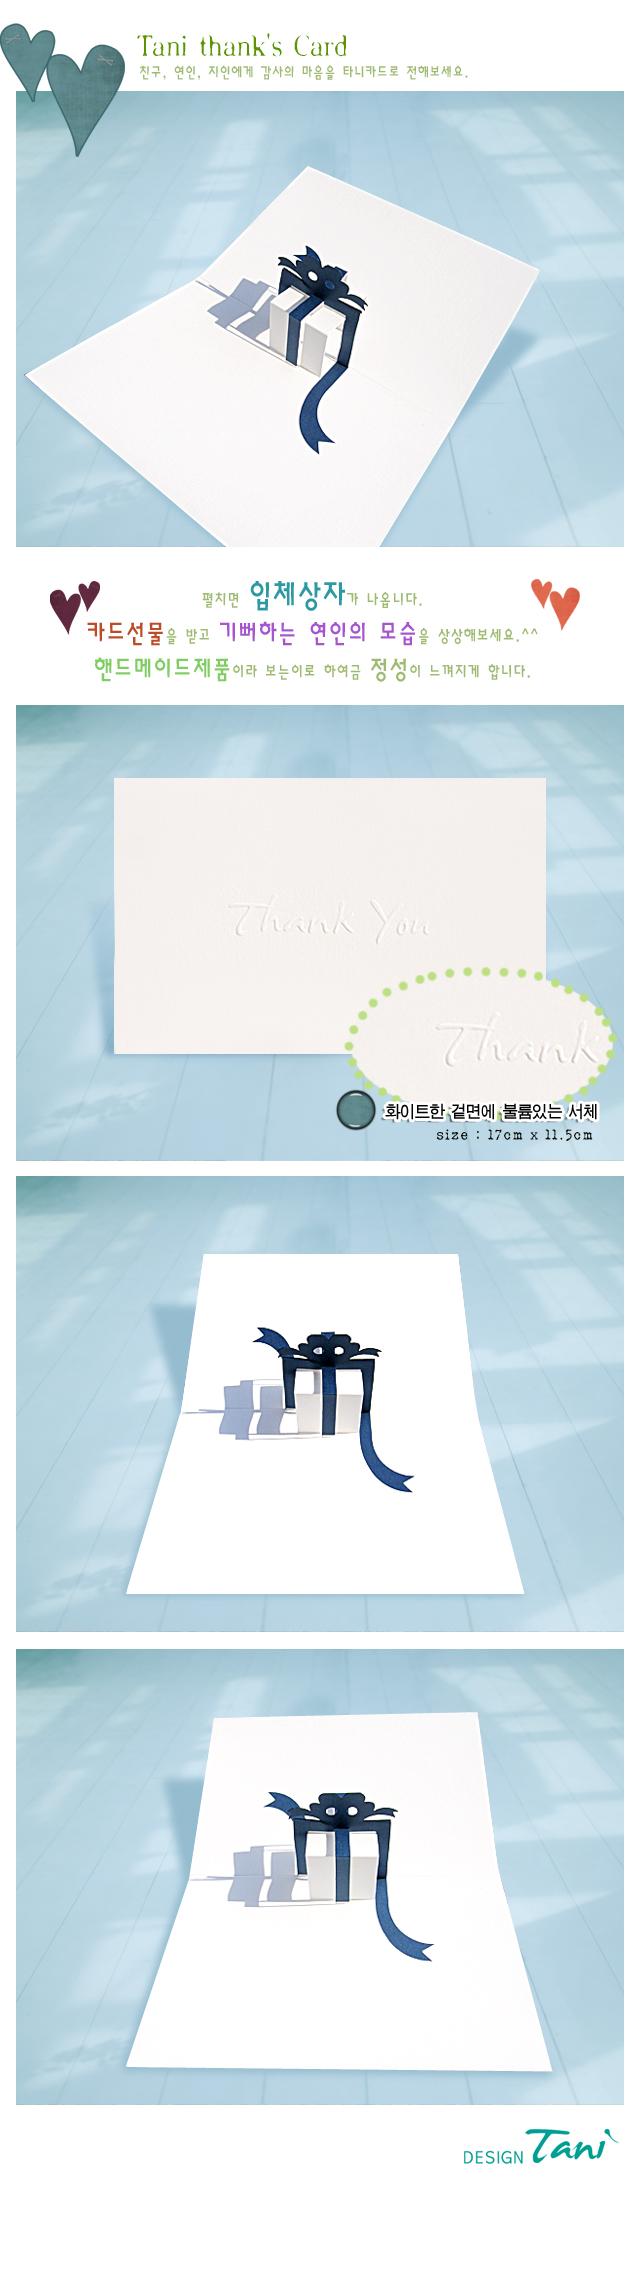 선물 입체 팝업 카드[디자인타니] - 디자인타니, 1,500원, 카드, 입체 팝업 카드